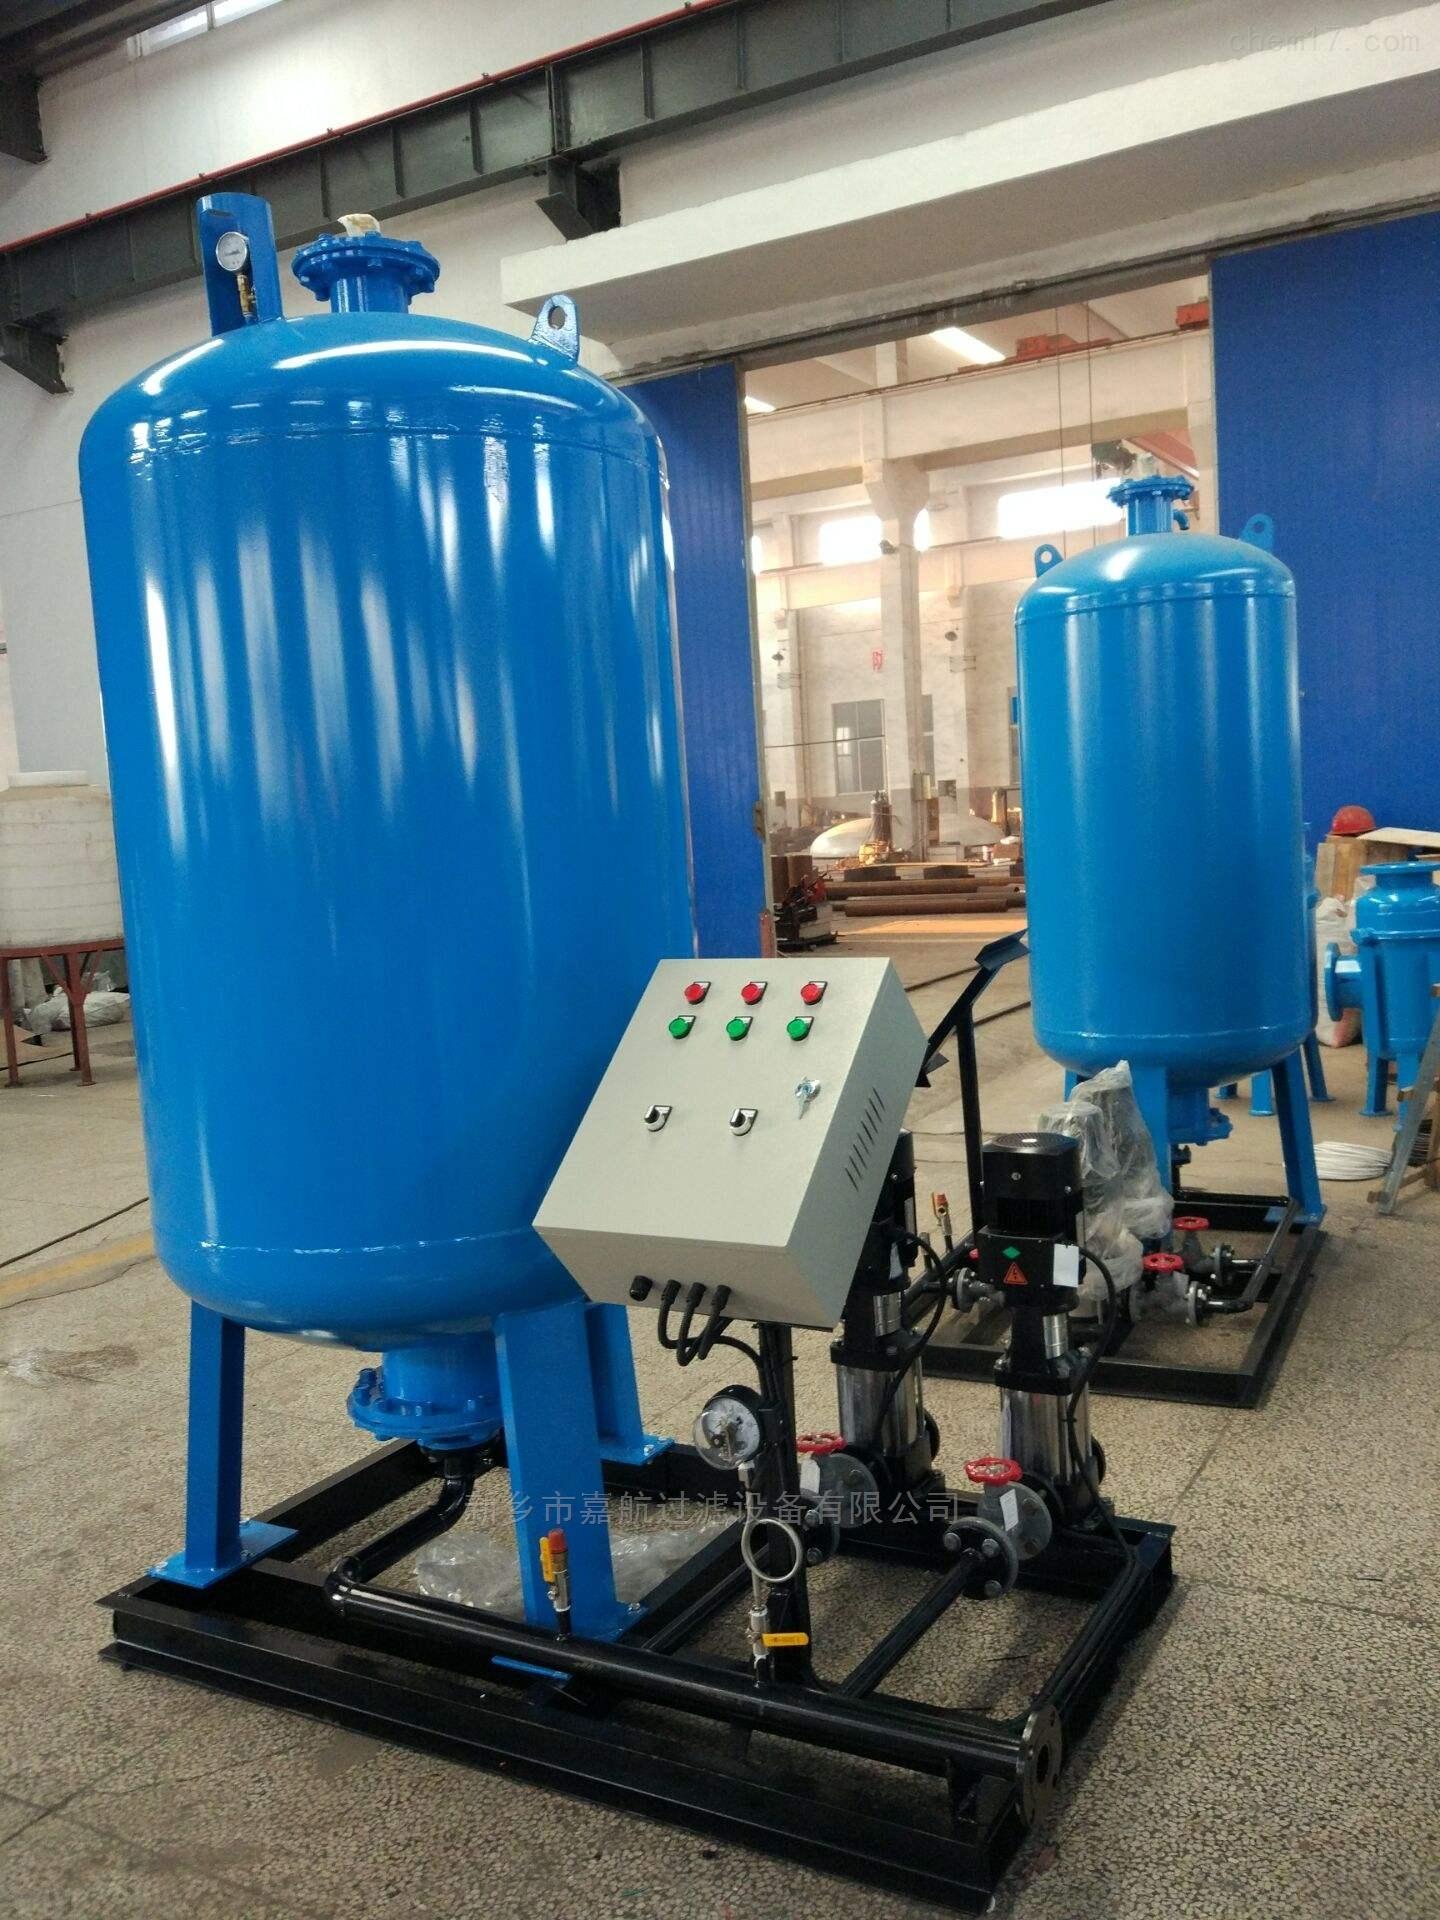 新式囊式定压补水装置功能详述